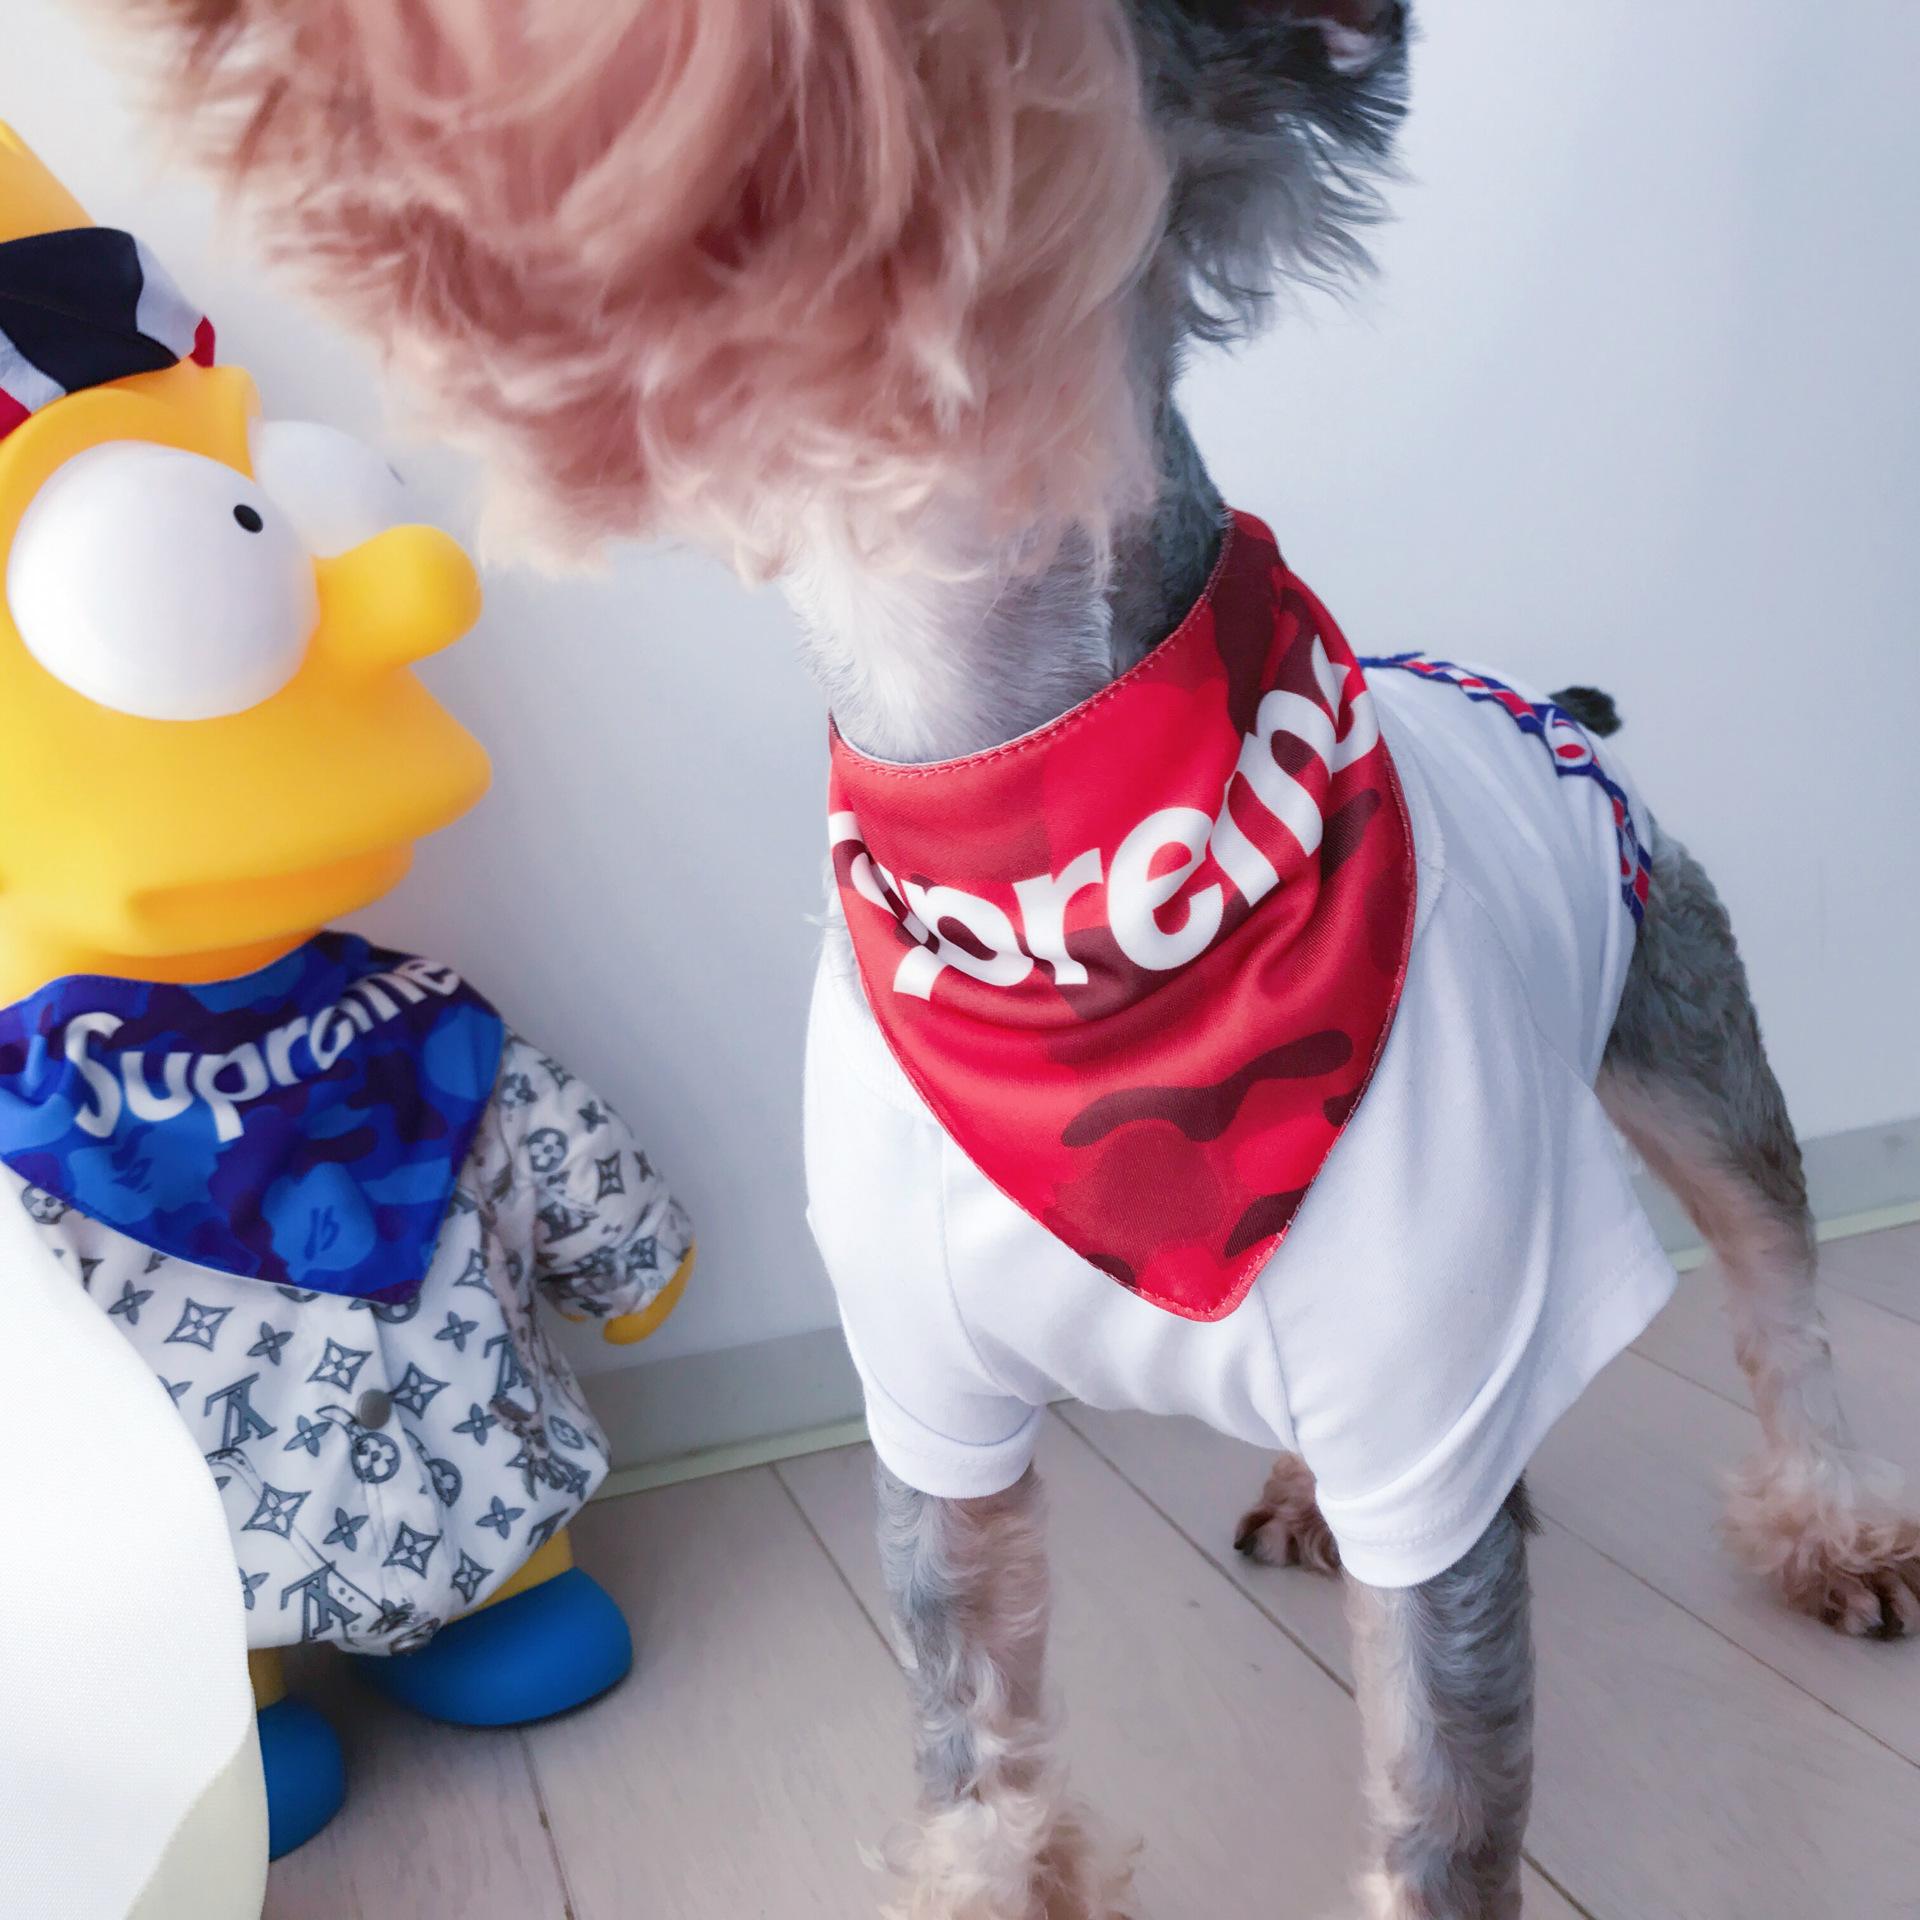 シュプリーム 犬のスカーフ